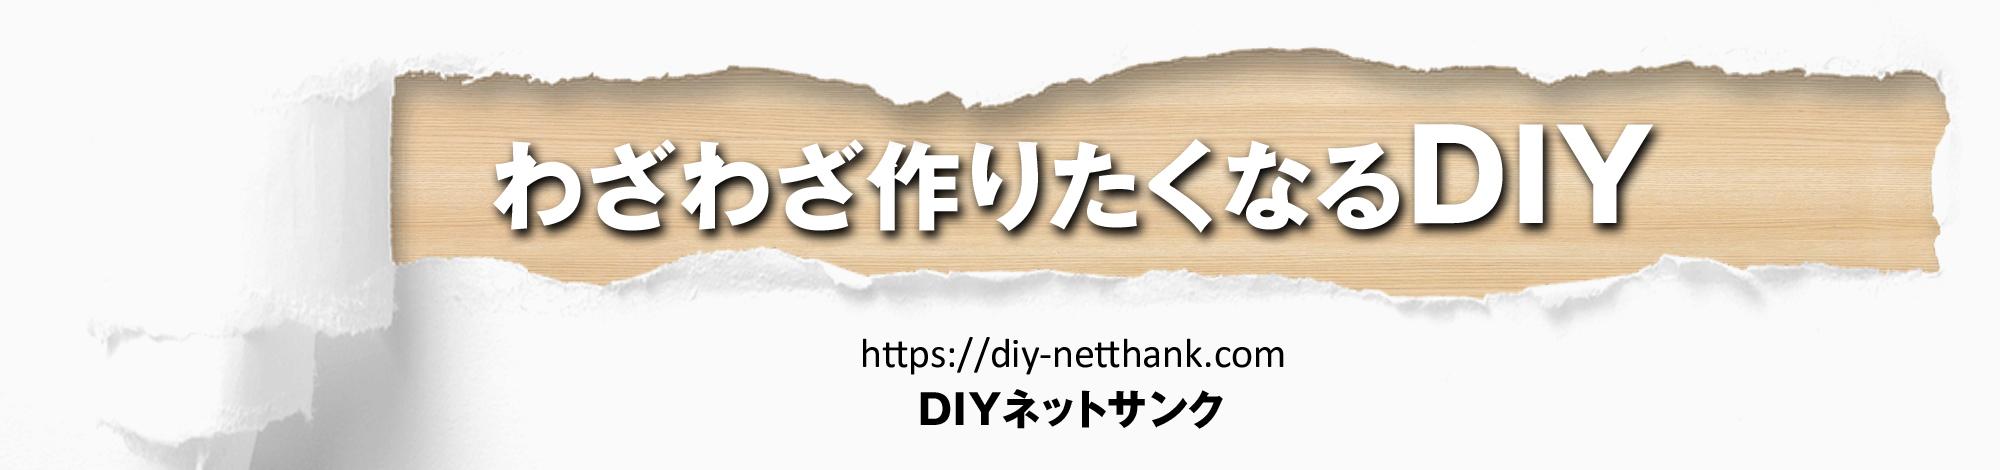 わざわざ作りたくなるDIY:DIYネットサンク